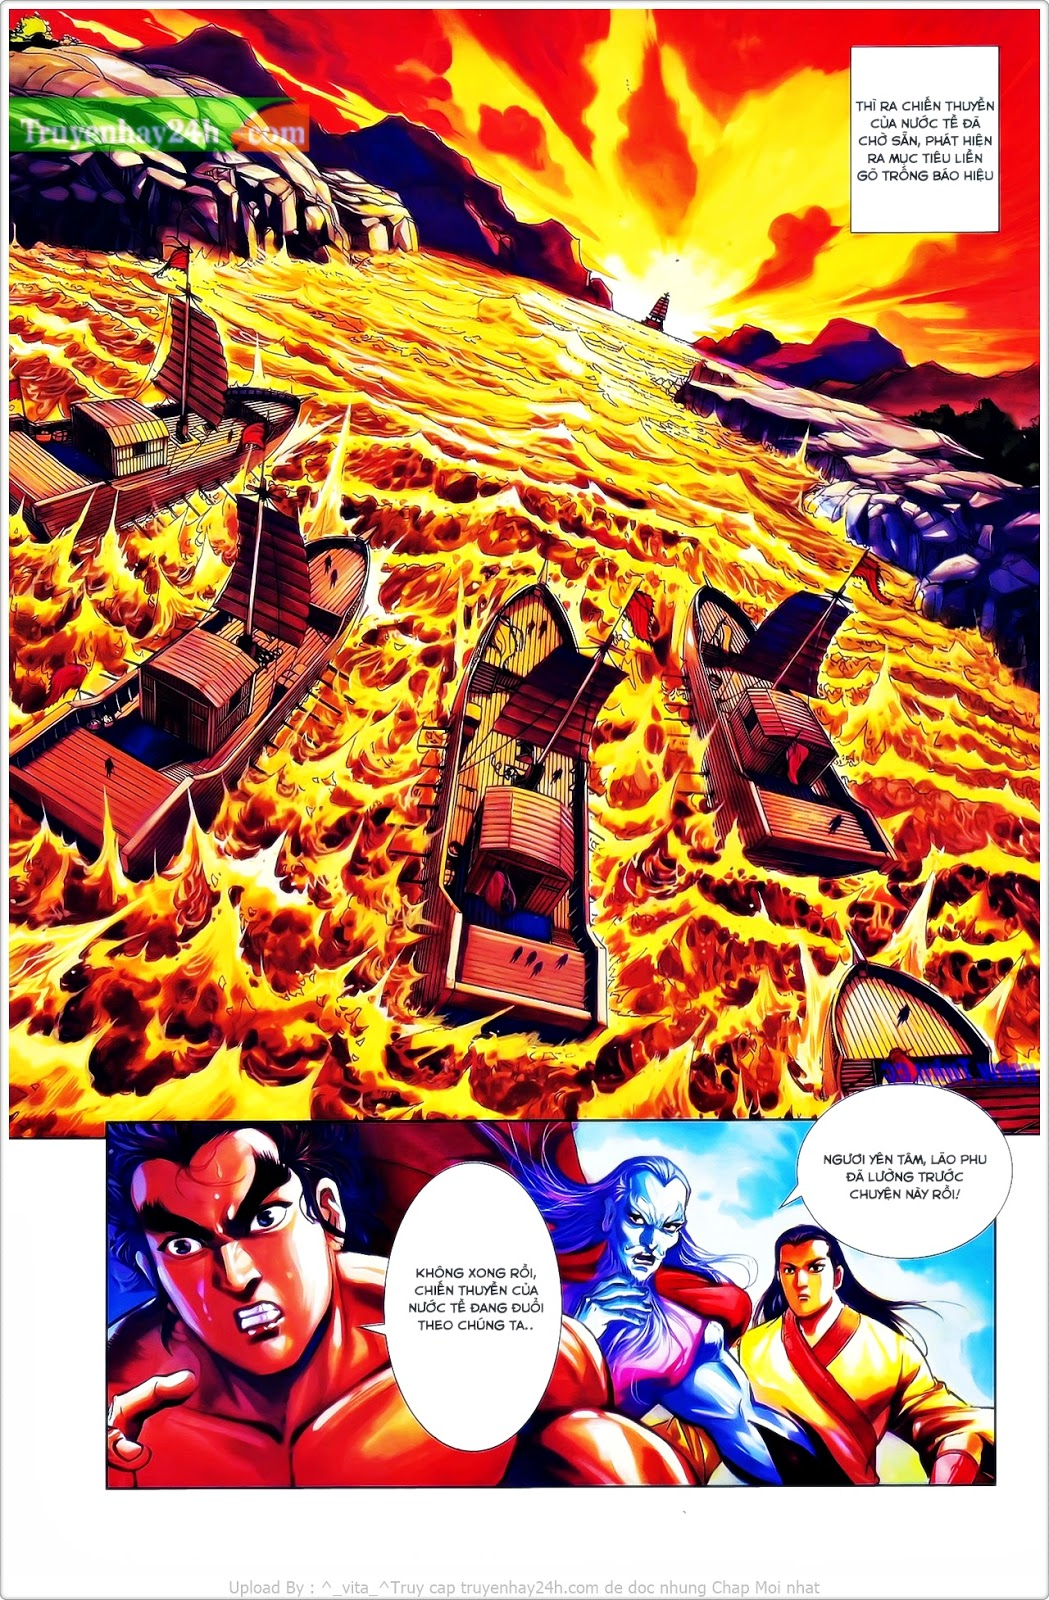 Tần Vương Doanh Chính chapter 26 trang 31